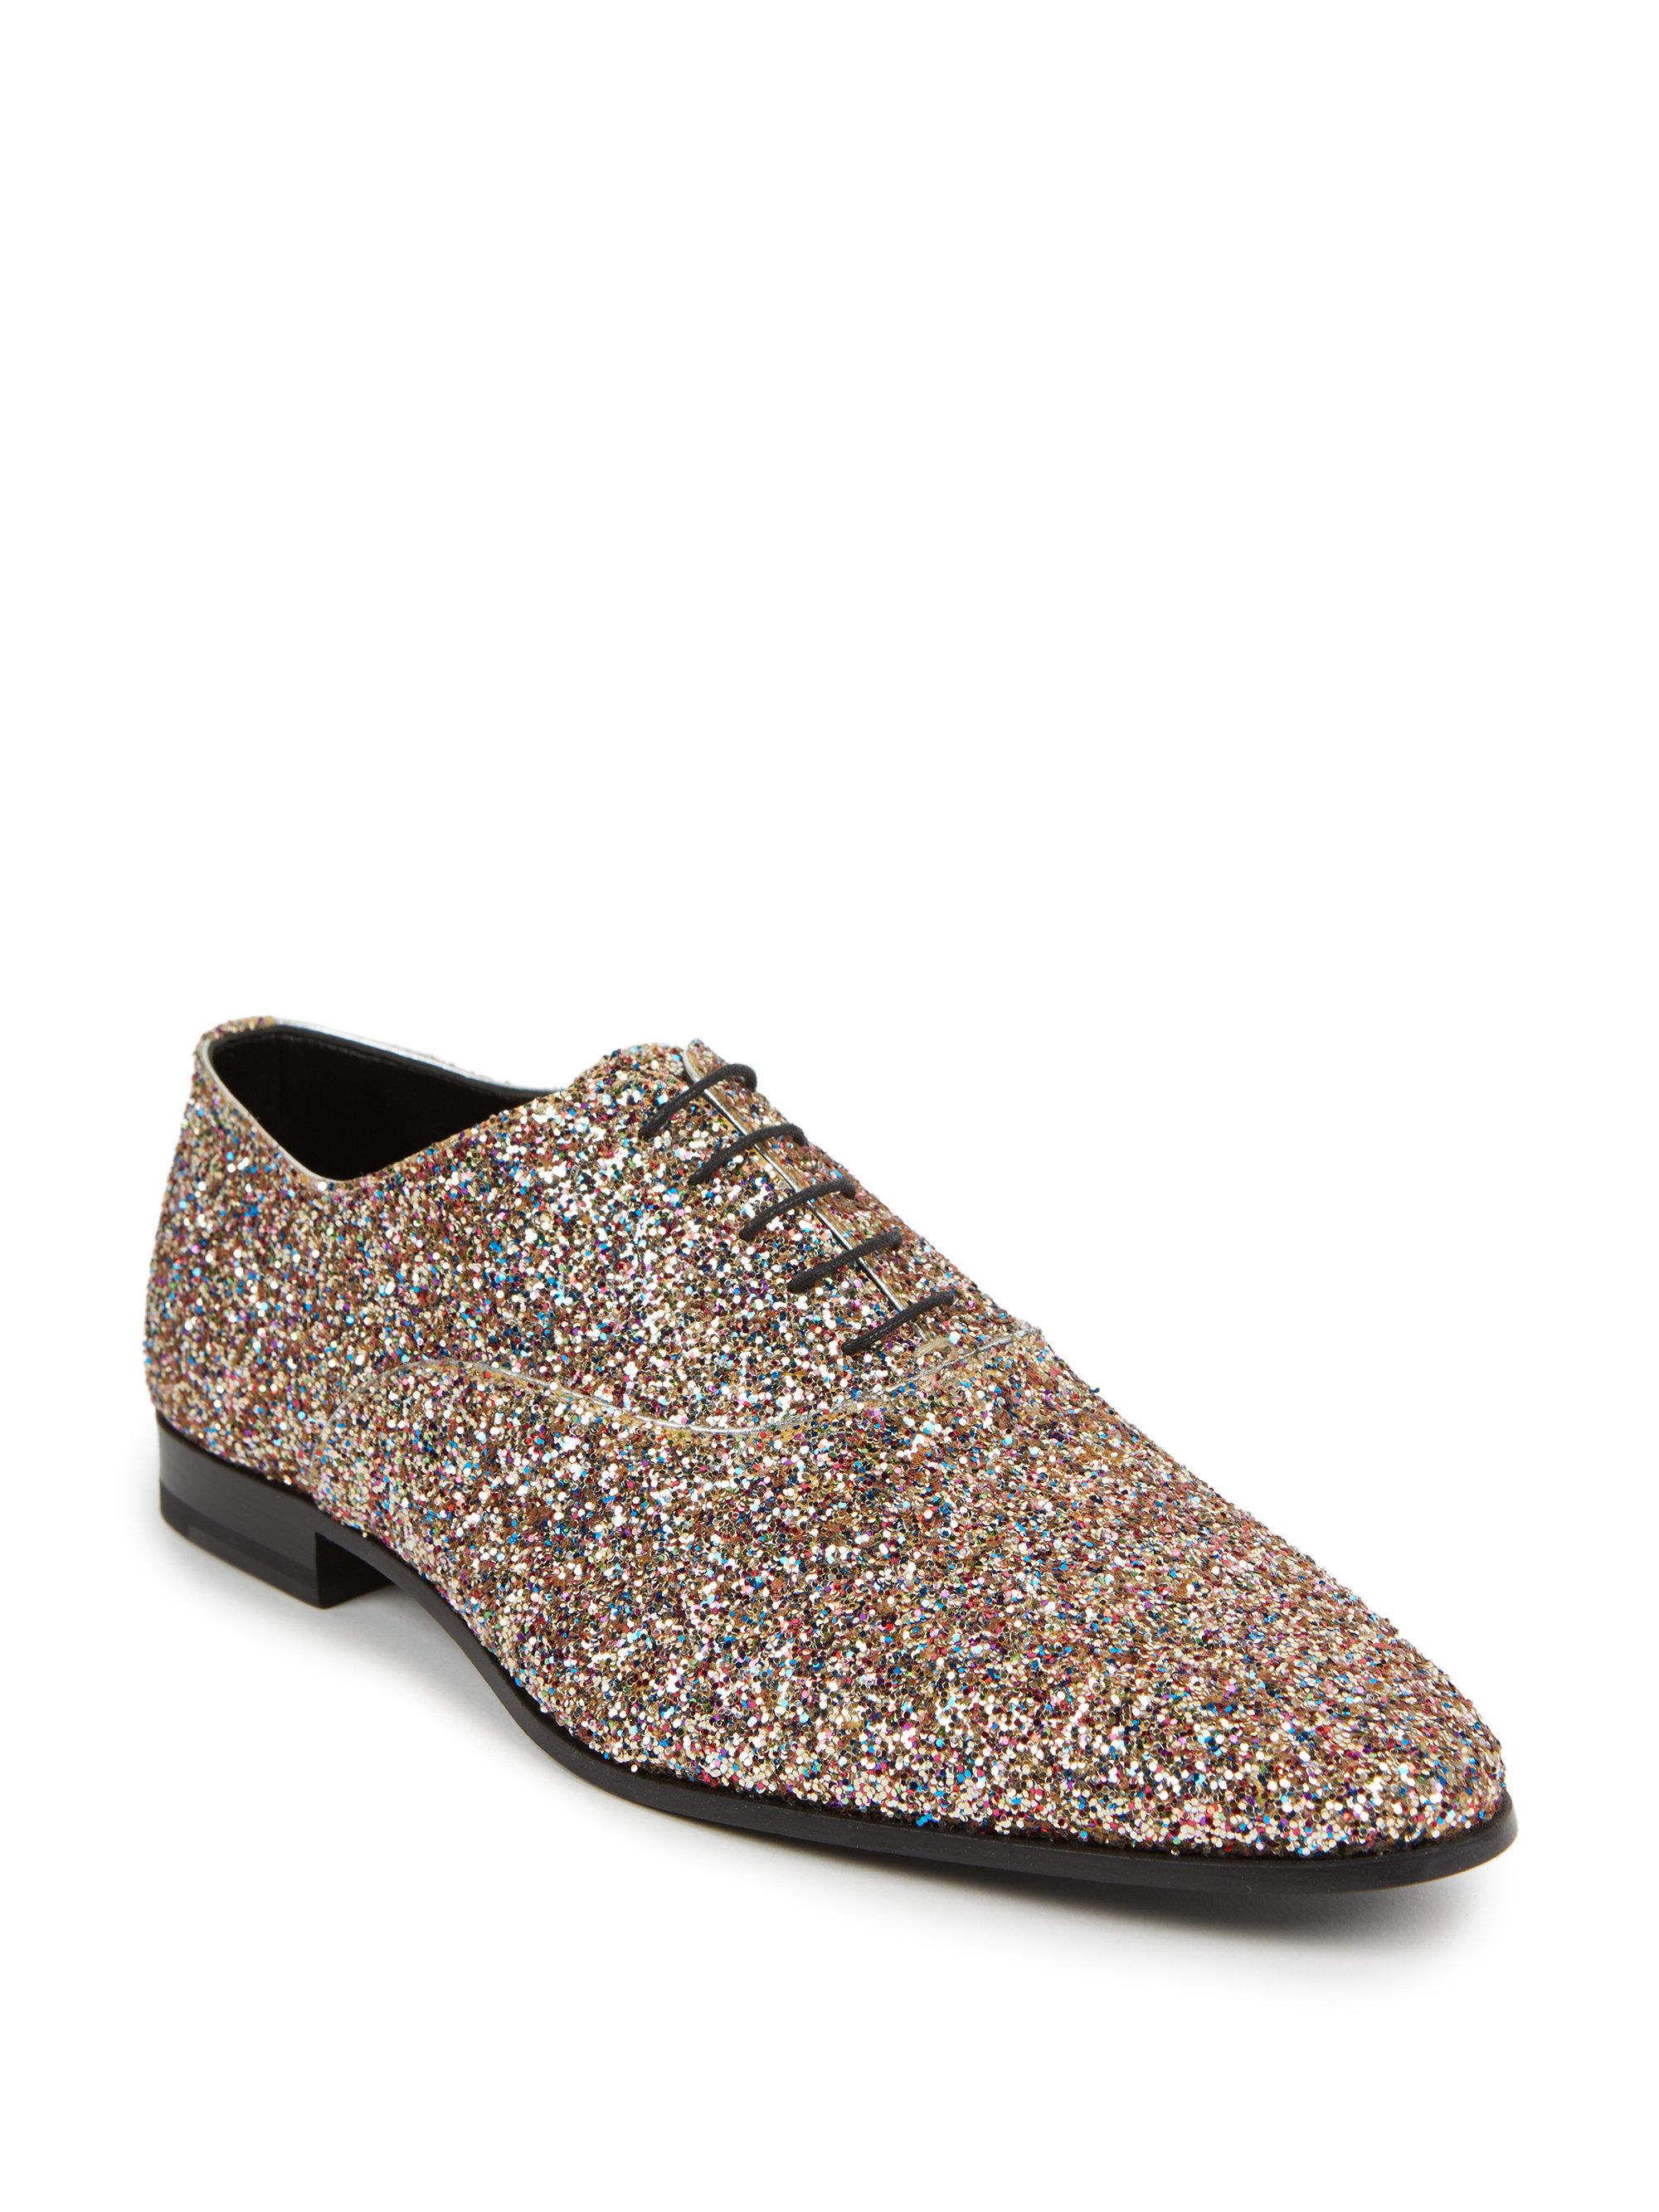 Gold Glitter Shoes Australia